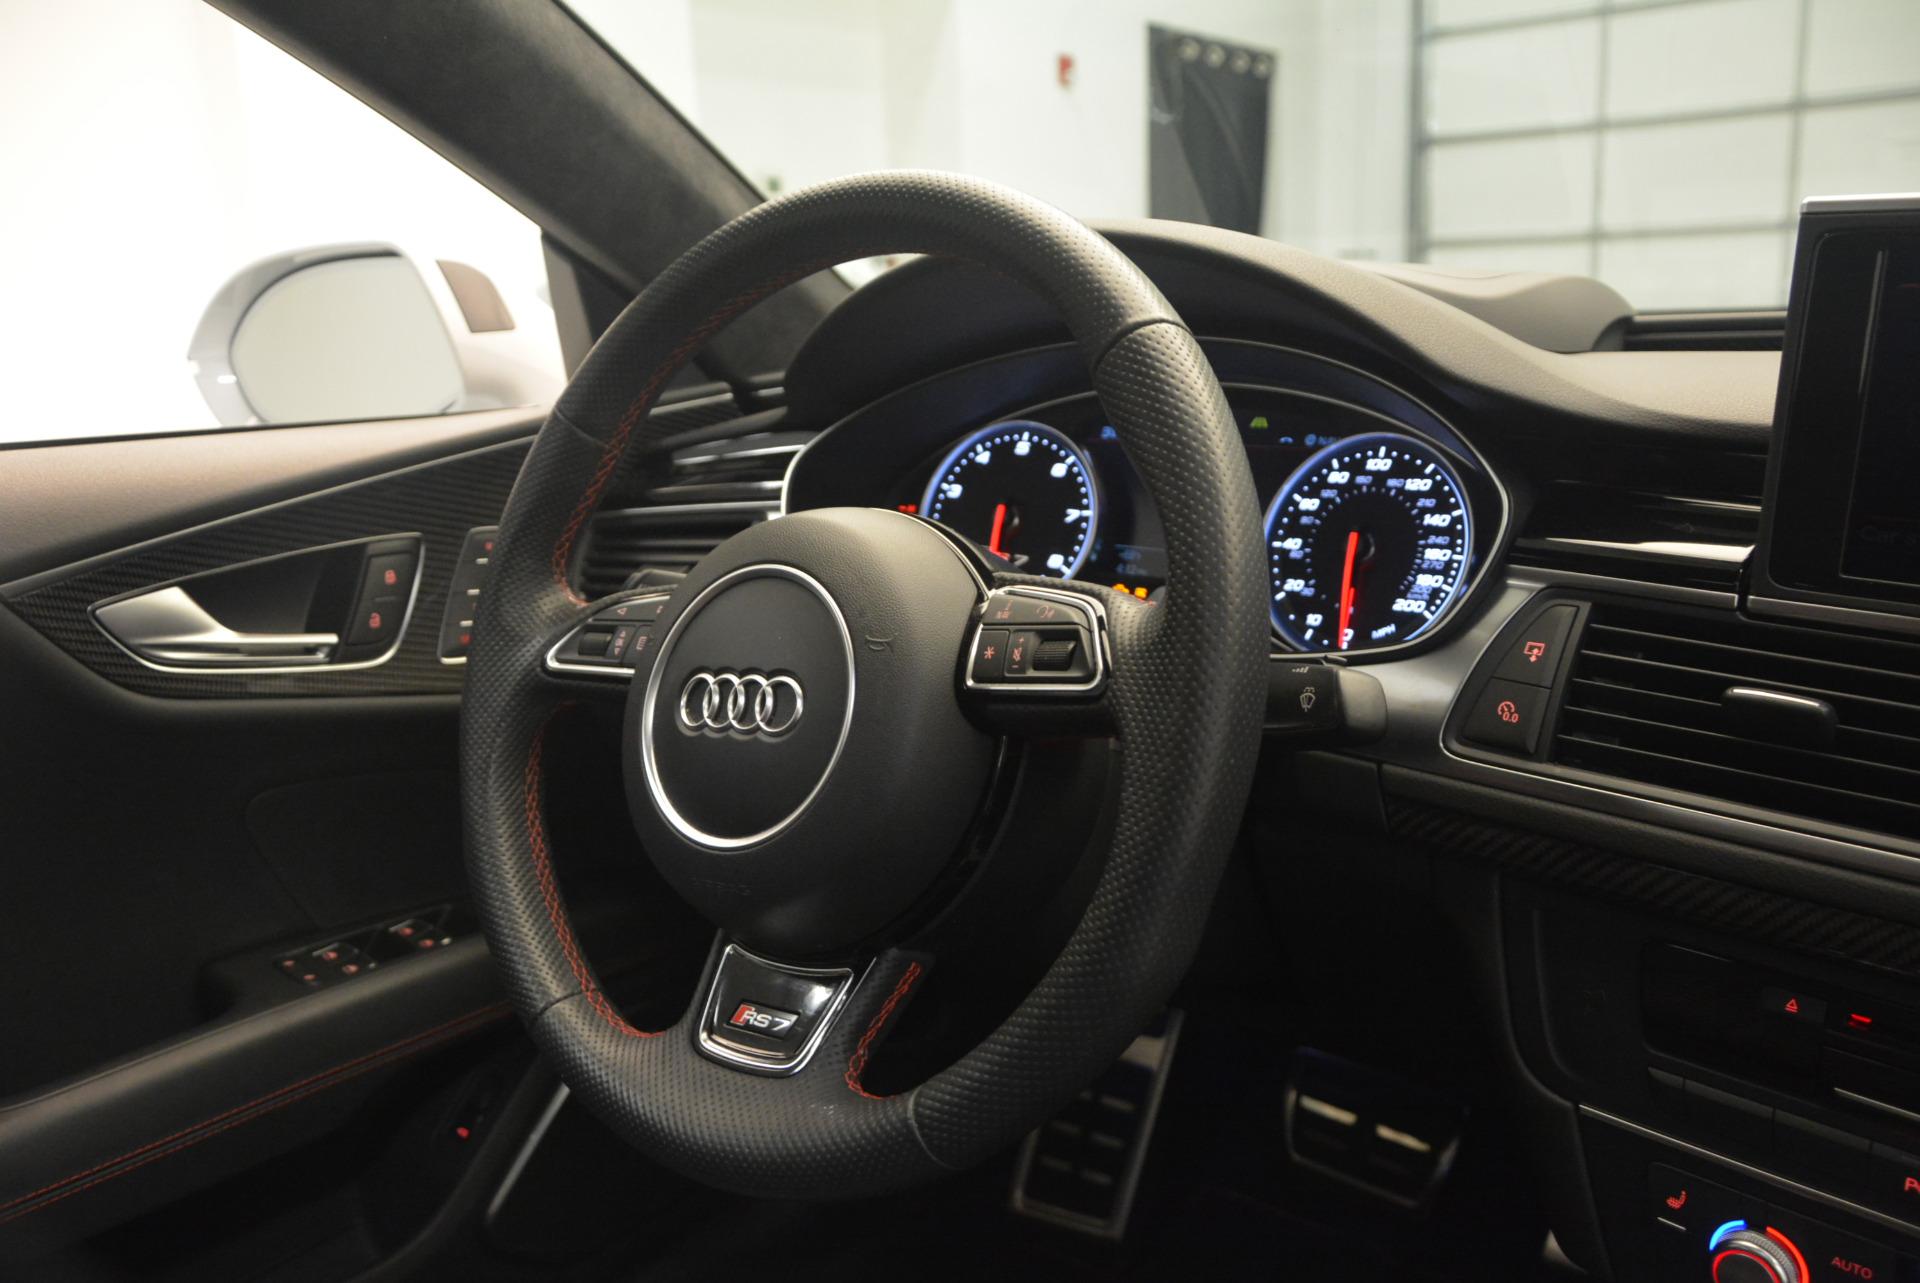 Used 2014 Audi RS 7 4.0T quattro Prestige For Sale In Greenwich, CT 1262_p47